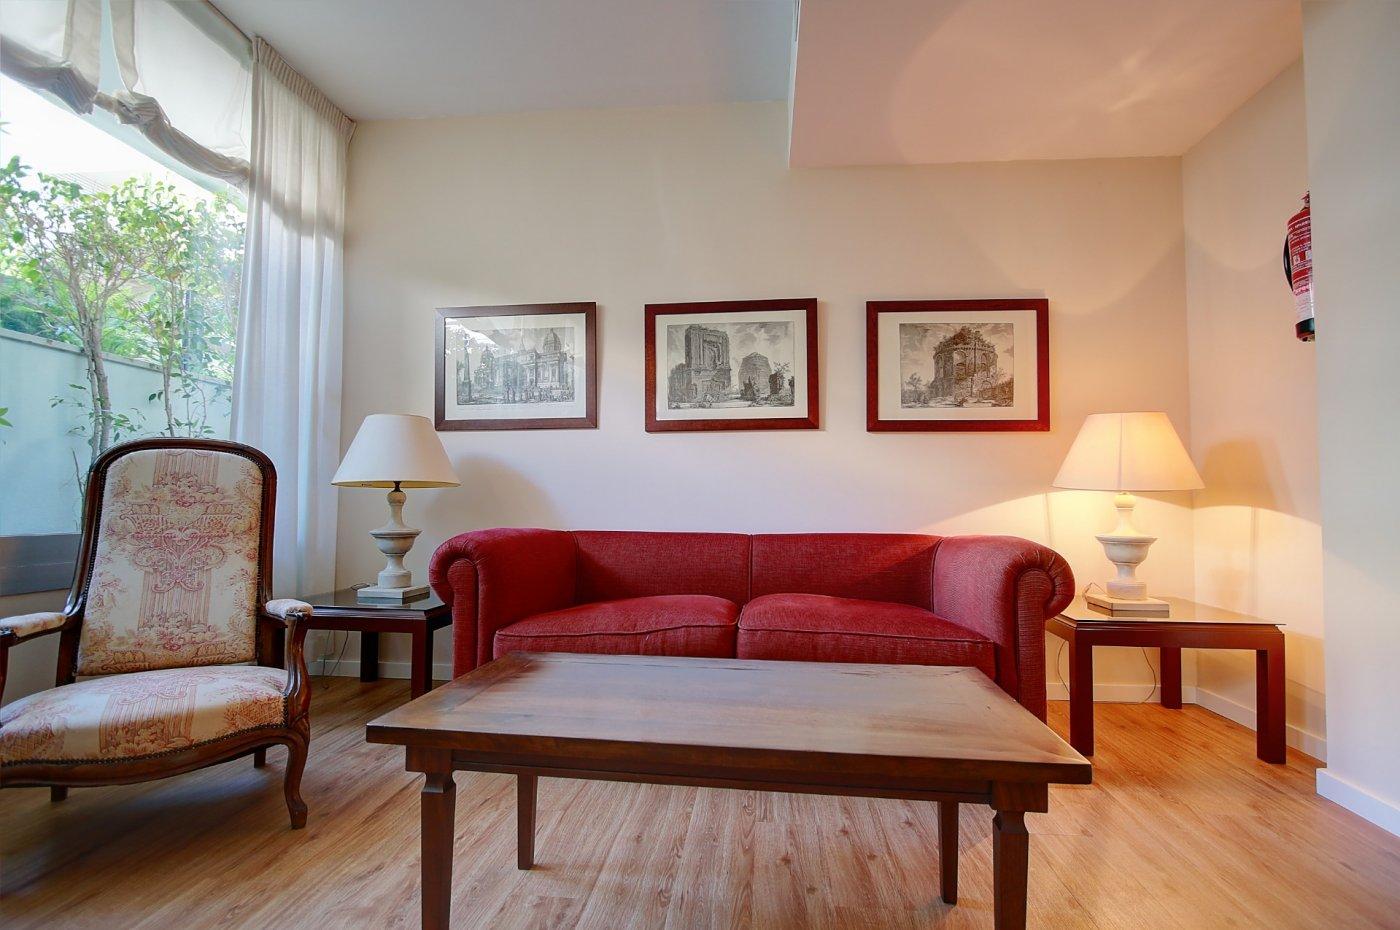 Apartamento en venta las arcadias - general riera. - imagenInmueble10